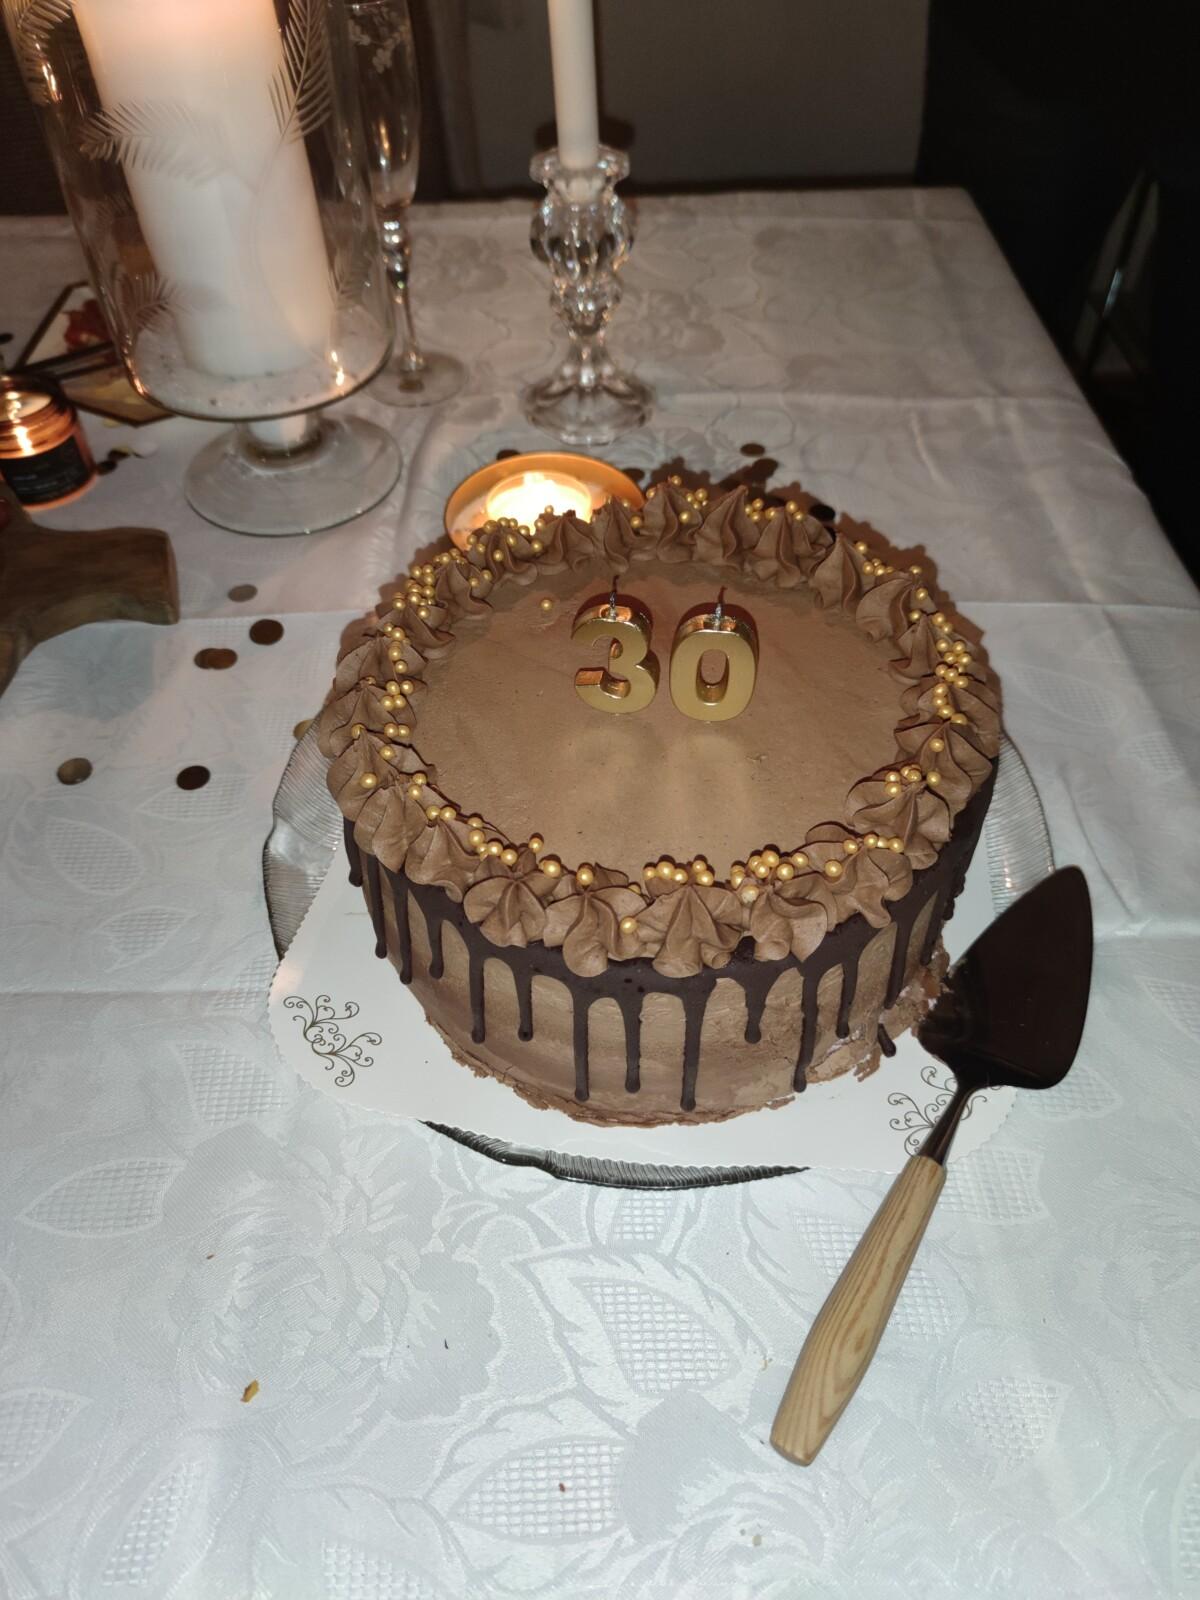 bursdag-30årsdag-bursdagselskap-30år-isalicious-isalicious1-look-sminke-antrekk-venner-30årslag-supriseparty-party-bestevenner-lykkelig-isalicious.blogg.no-bursdagskake-kake-verdensfinestekake-